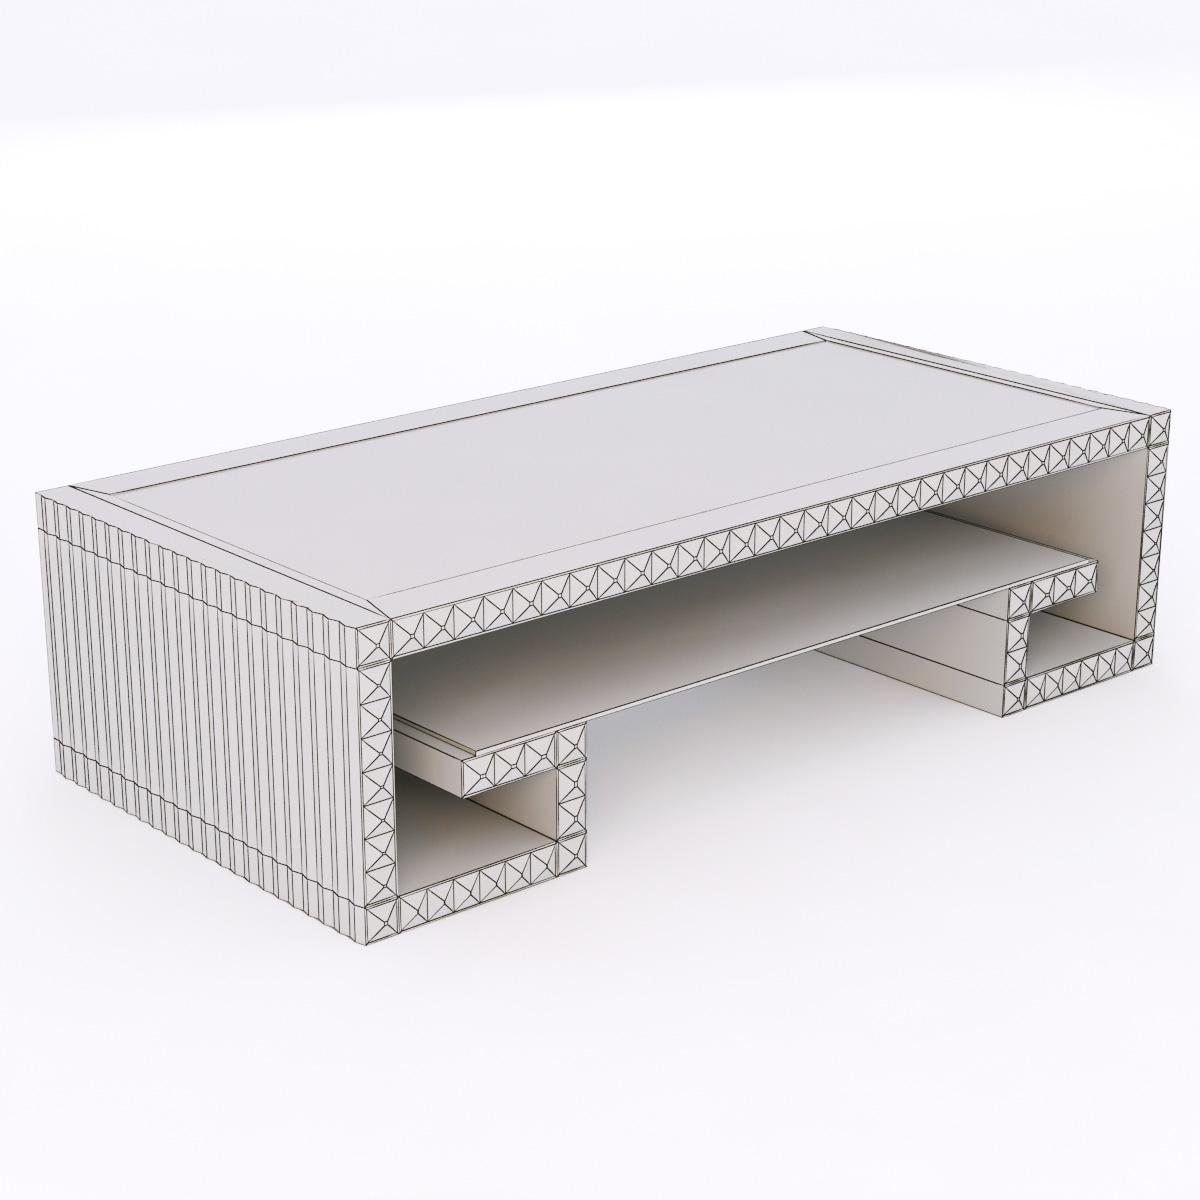 set tables arketipo ula 4 items 3d model max obj fbx. Black Bedroom Furniture Sets. Home Design Ideas